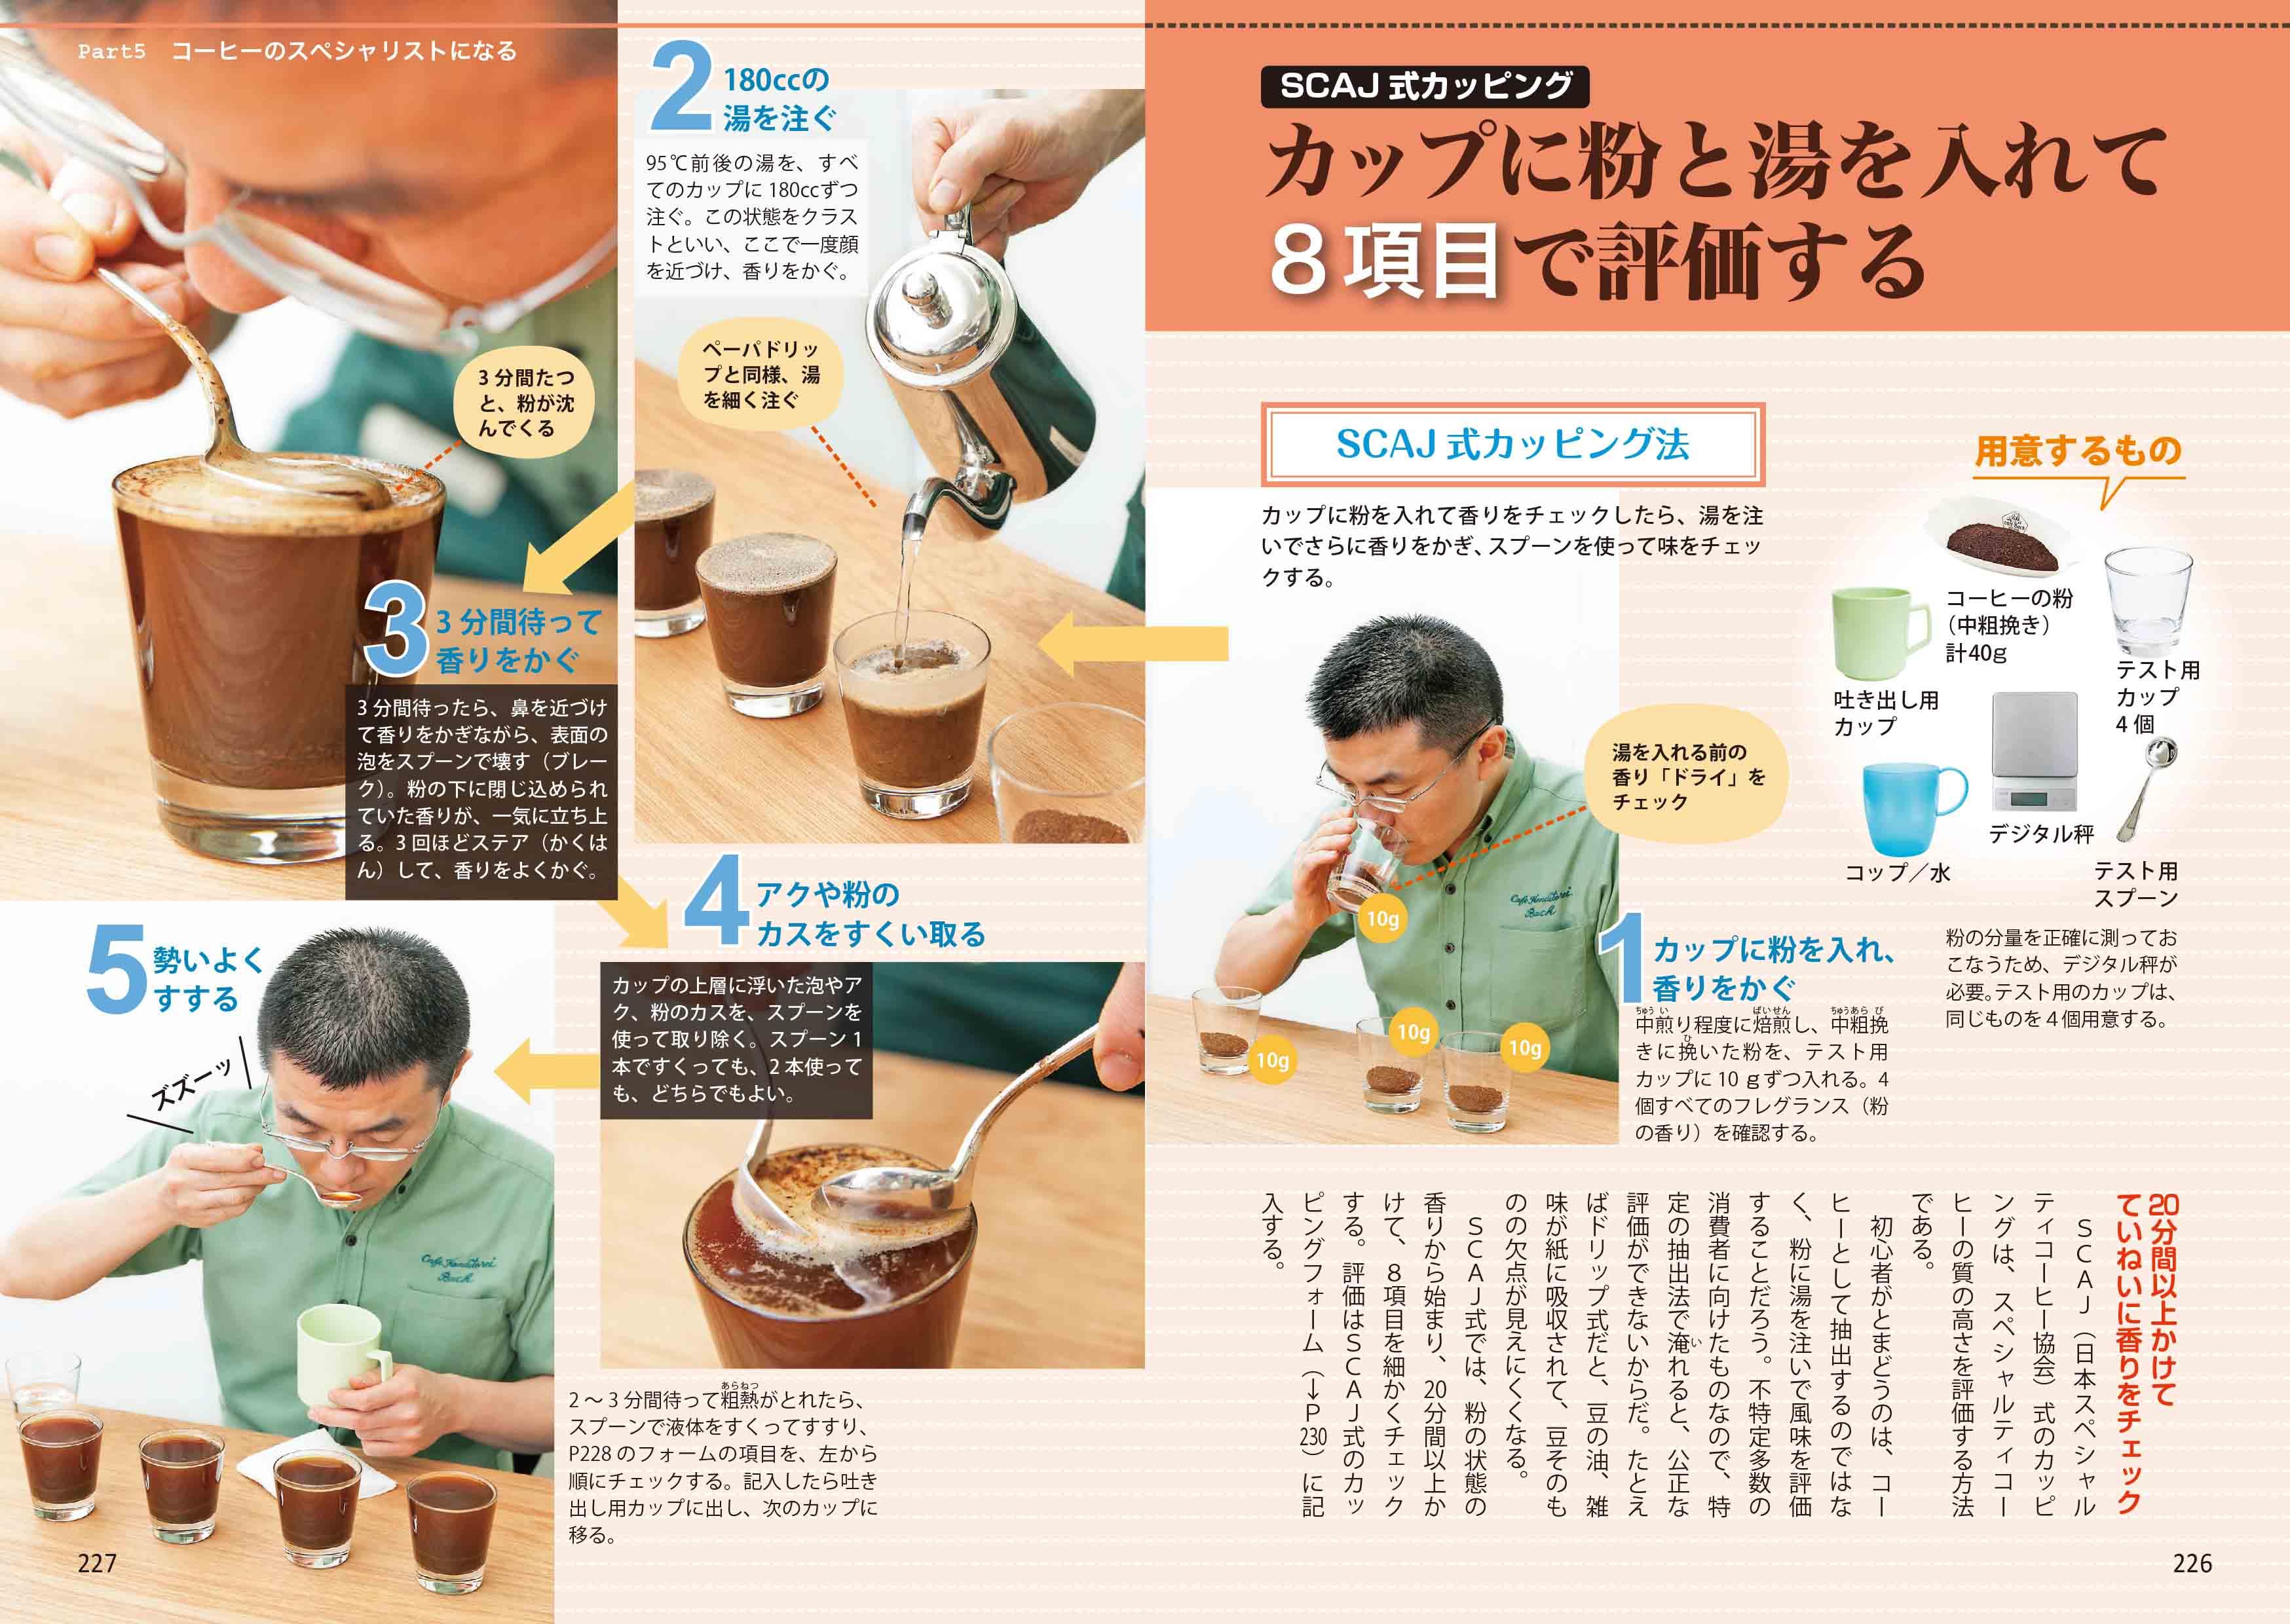 「SCAJ式カッピング カップに粉と湯を入れて8項目で評価する」紙面